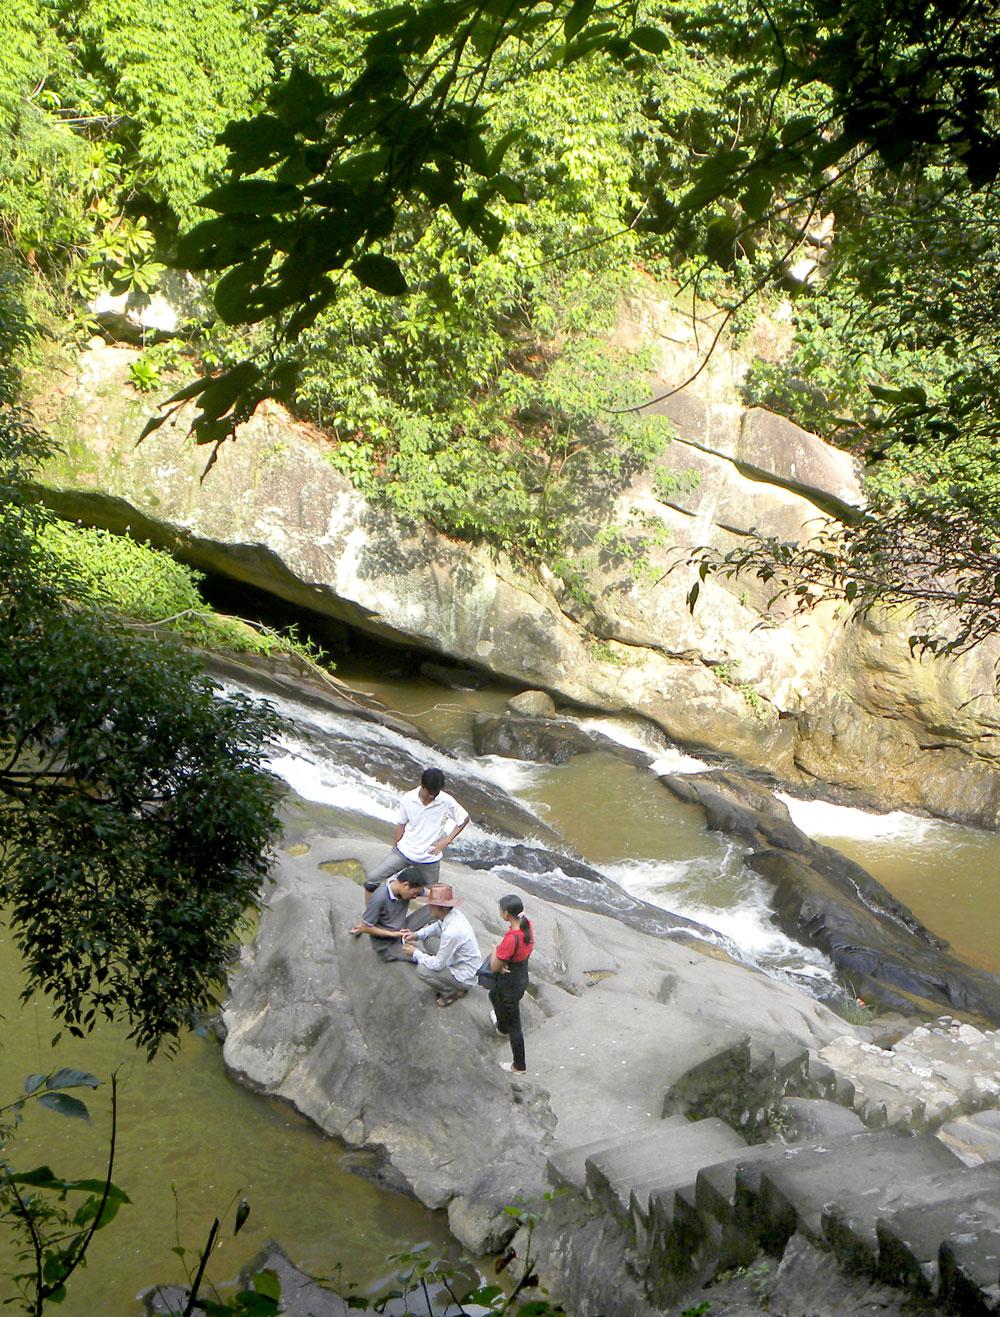 Suối Mỡ - điểm du lịch sinh thái, tâm linh nổi tiếng ở Lục Nam.